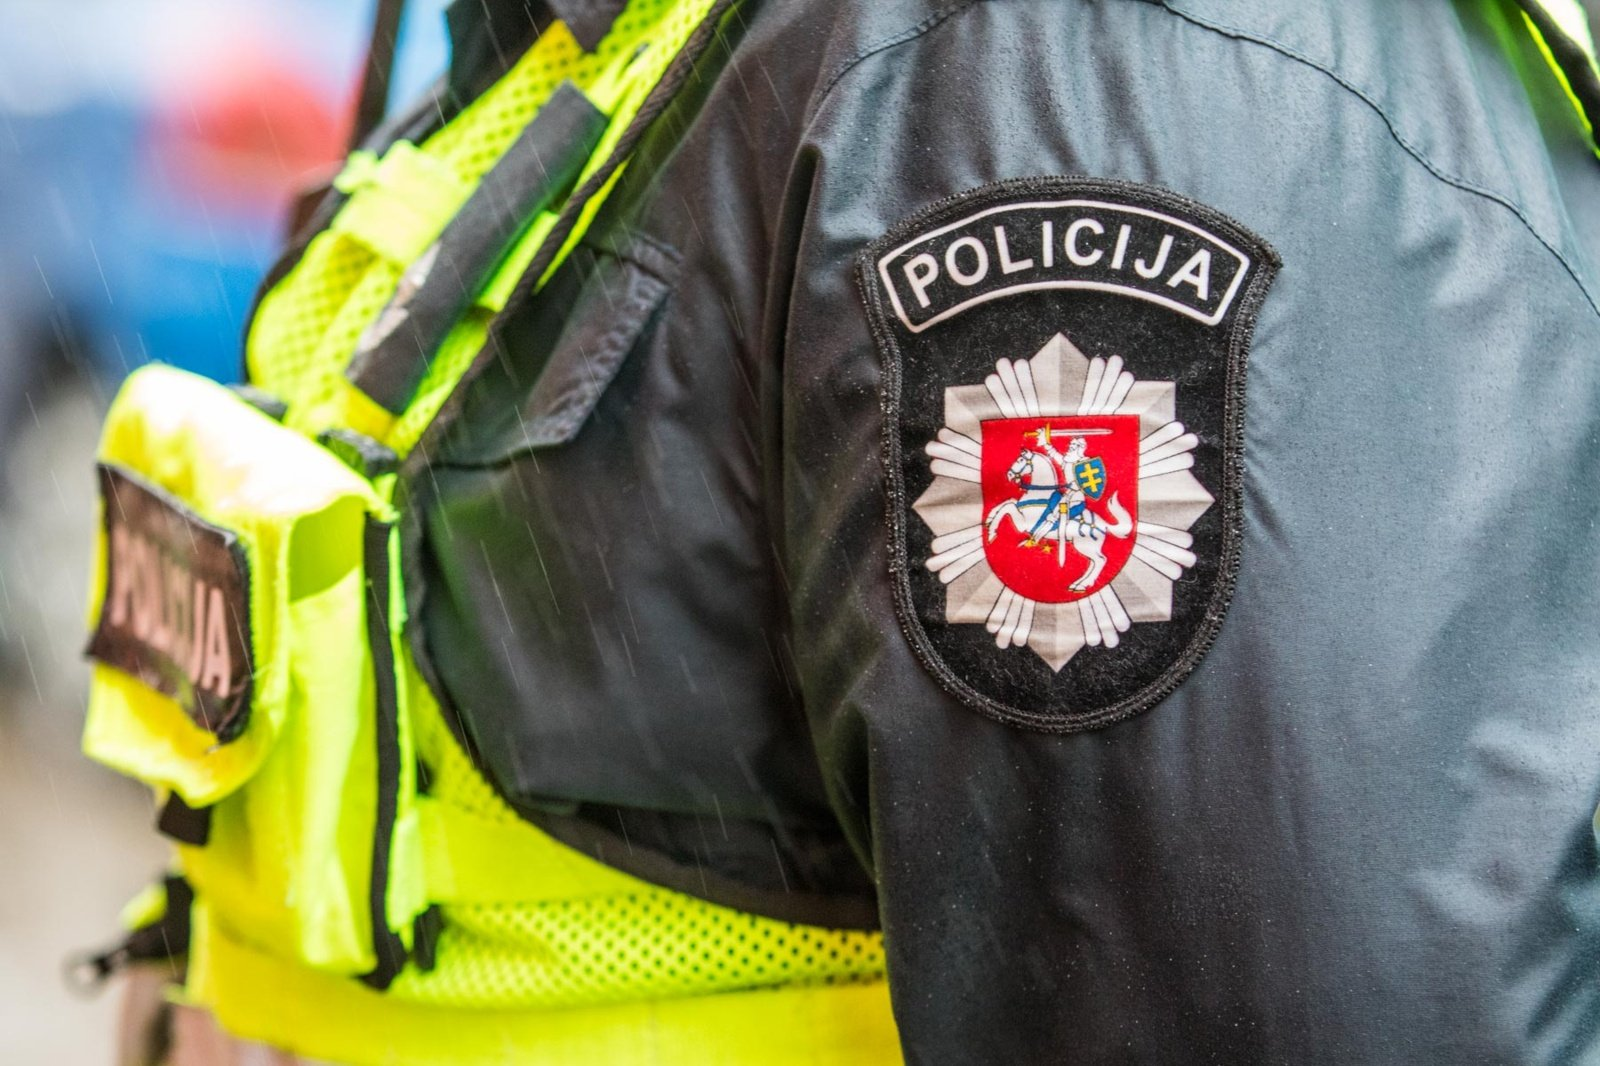 Birštono policijos komisariato 2020 m. veiklos rezultatai